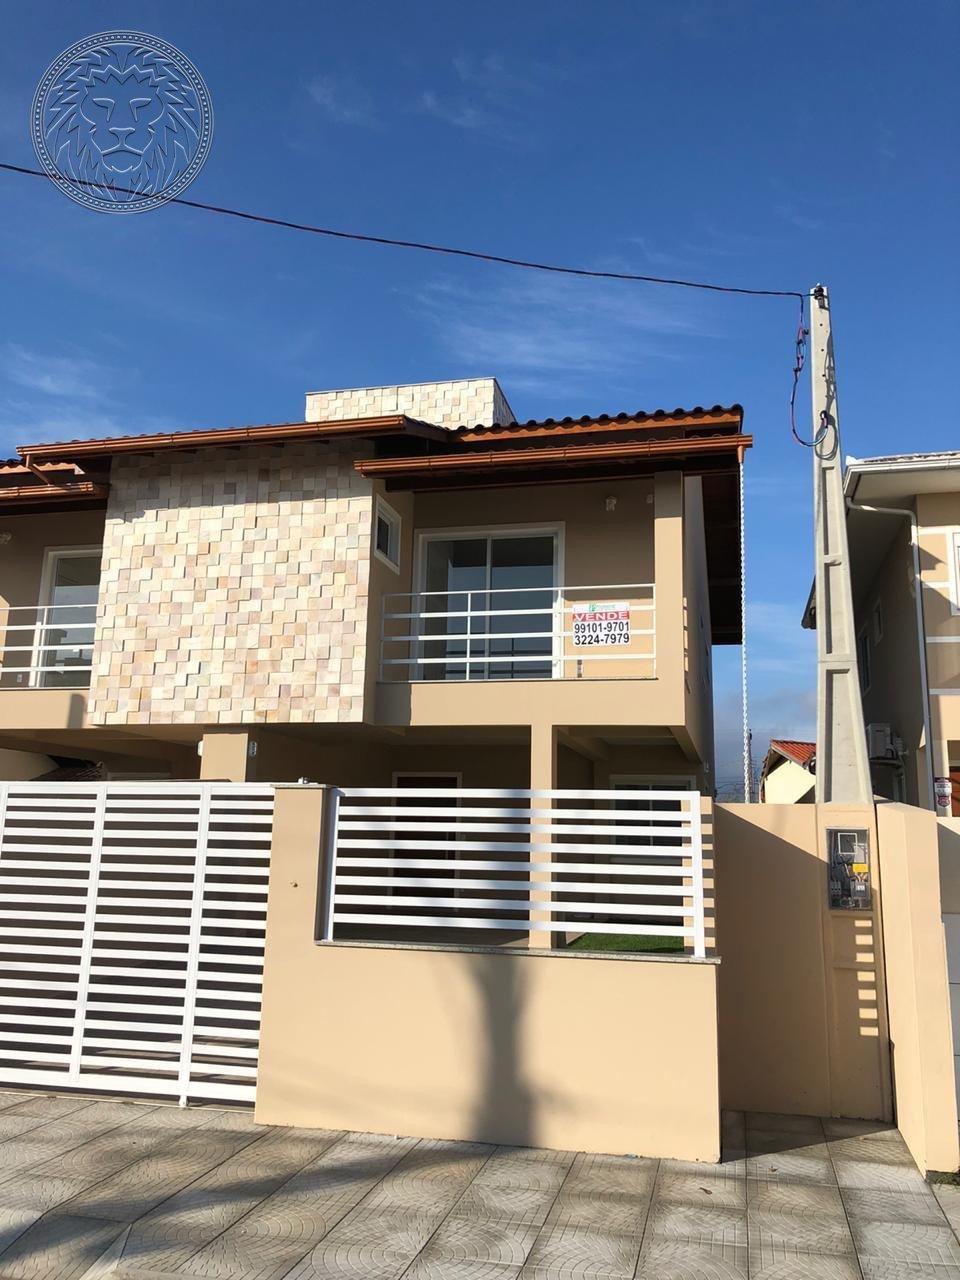 Casa com 3 dormitórios à venda em Florianópolis, no bairro Carianos